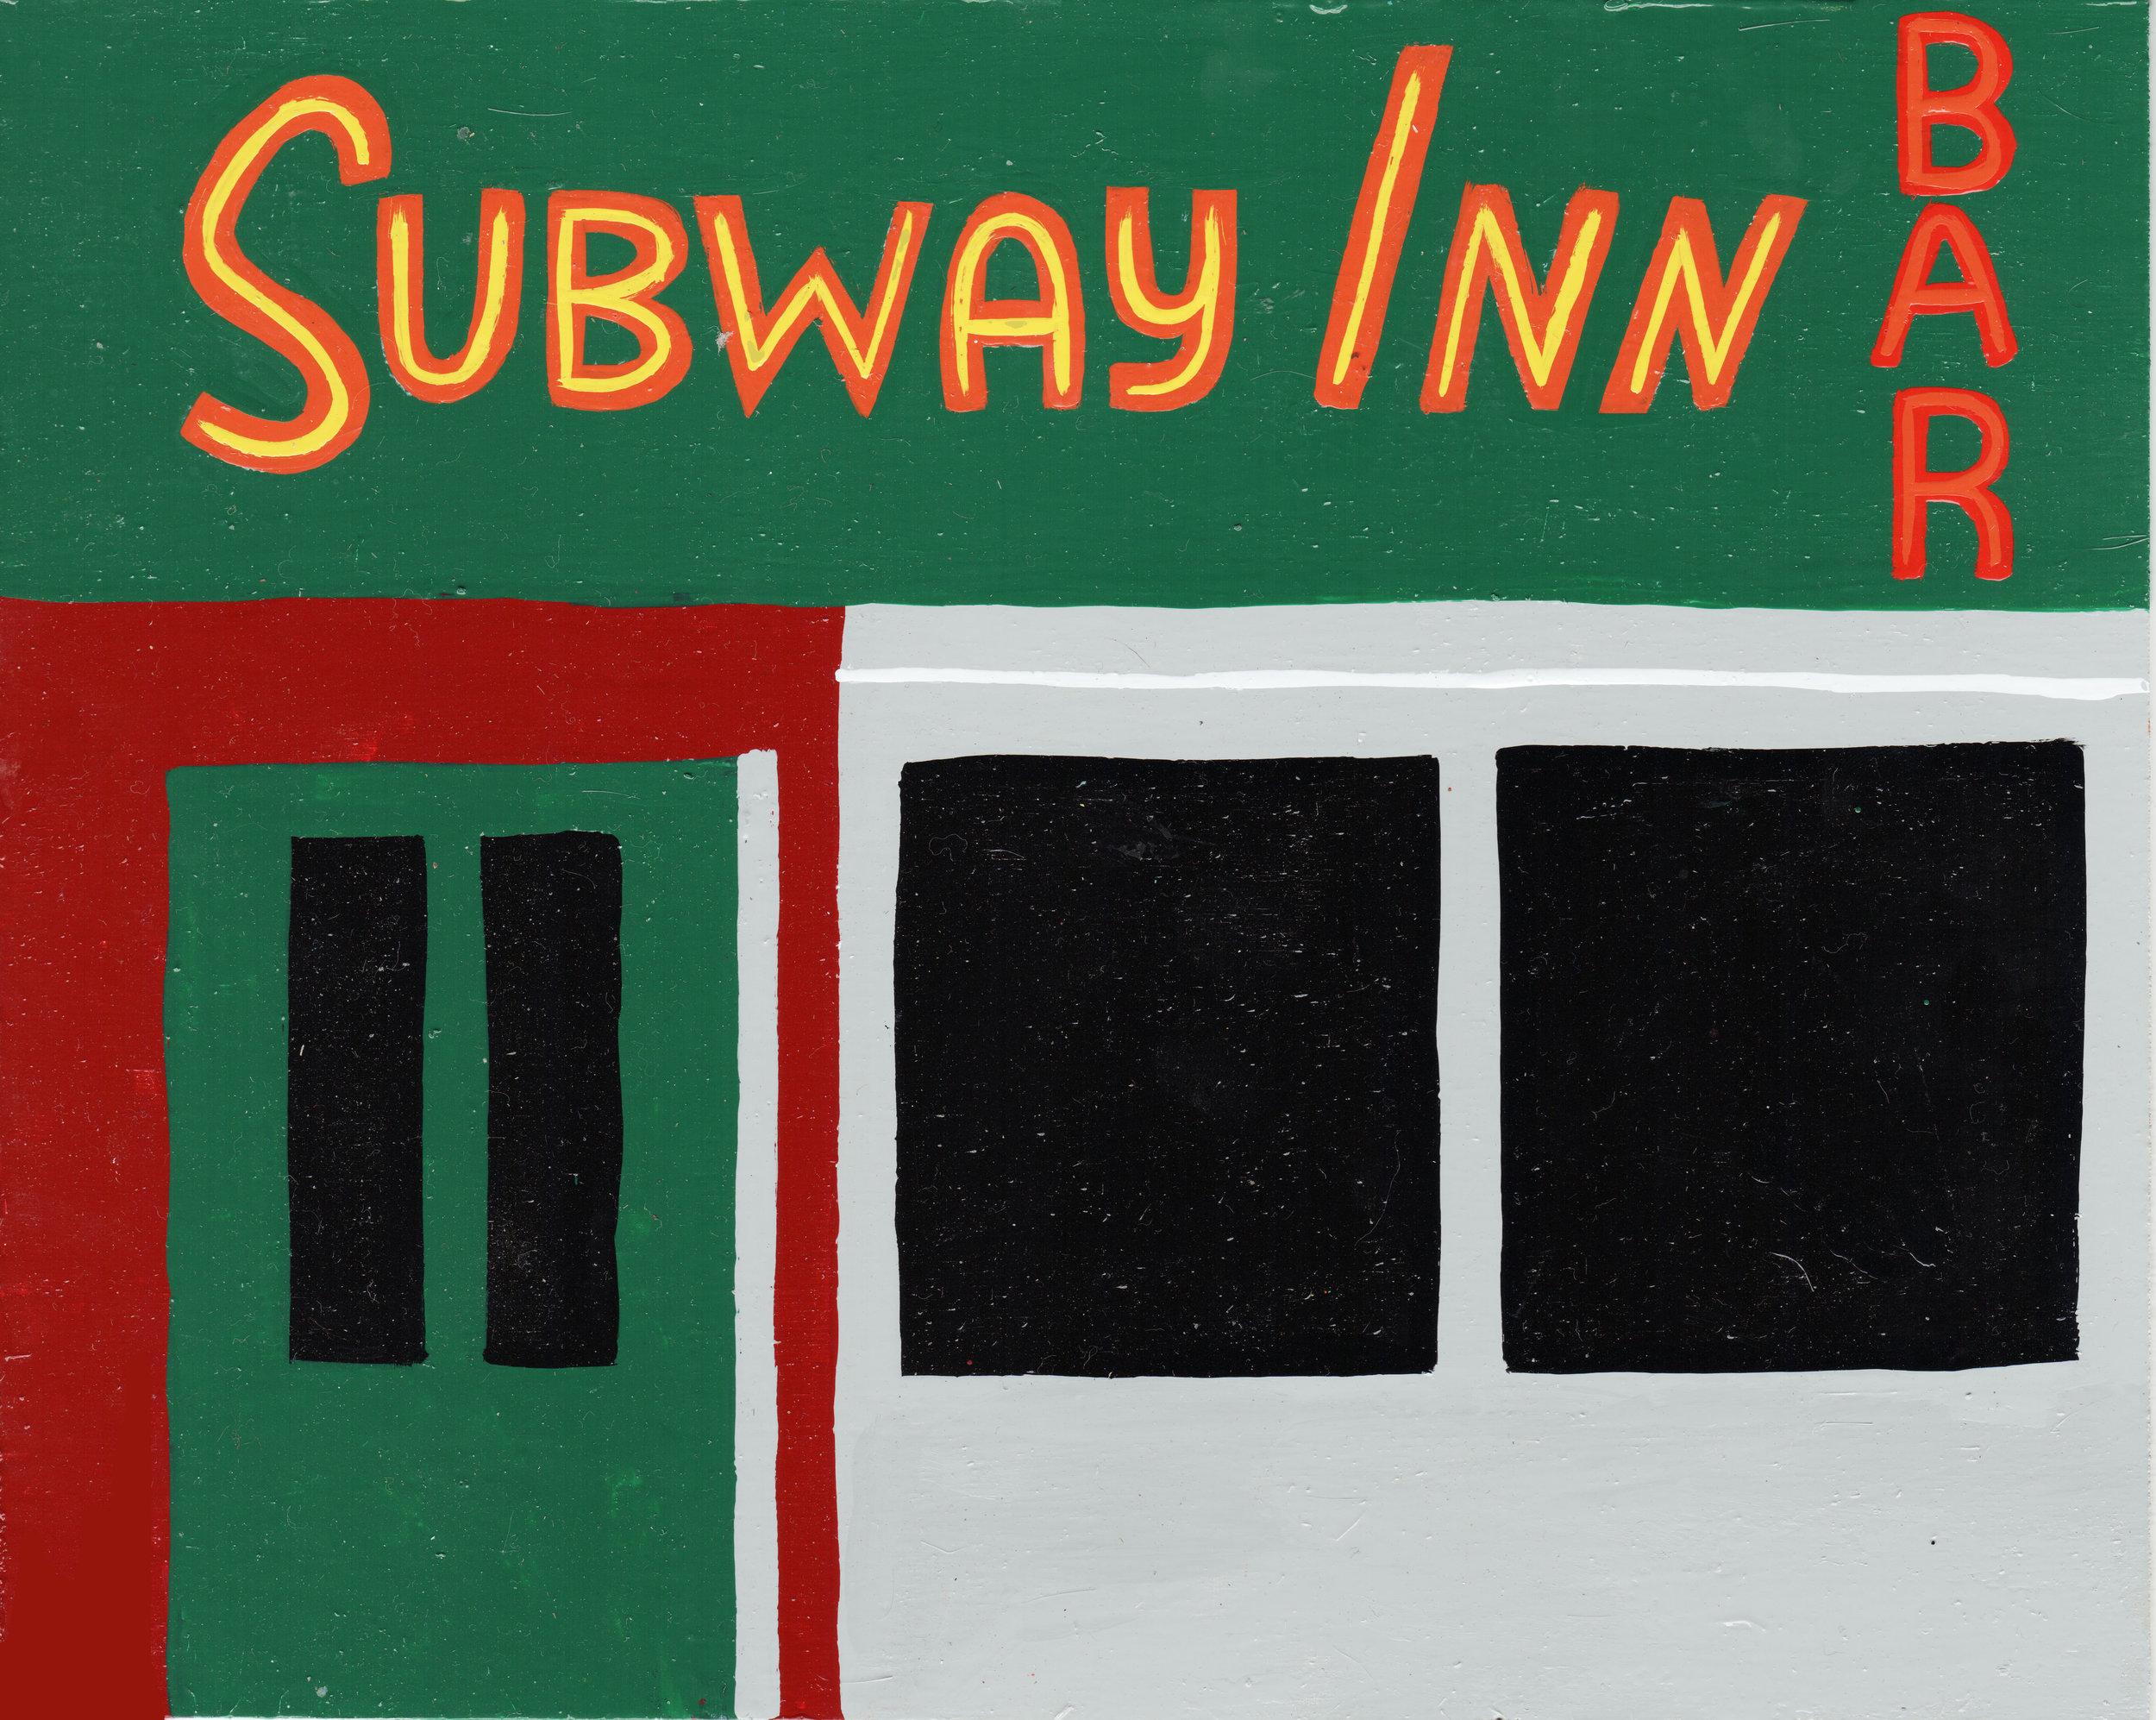 subway inn.jpg